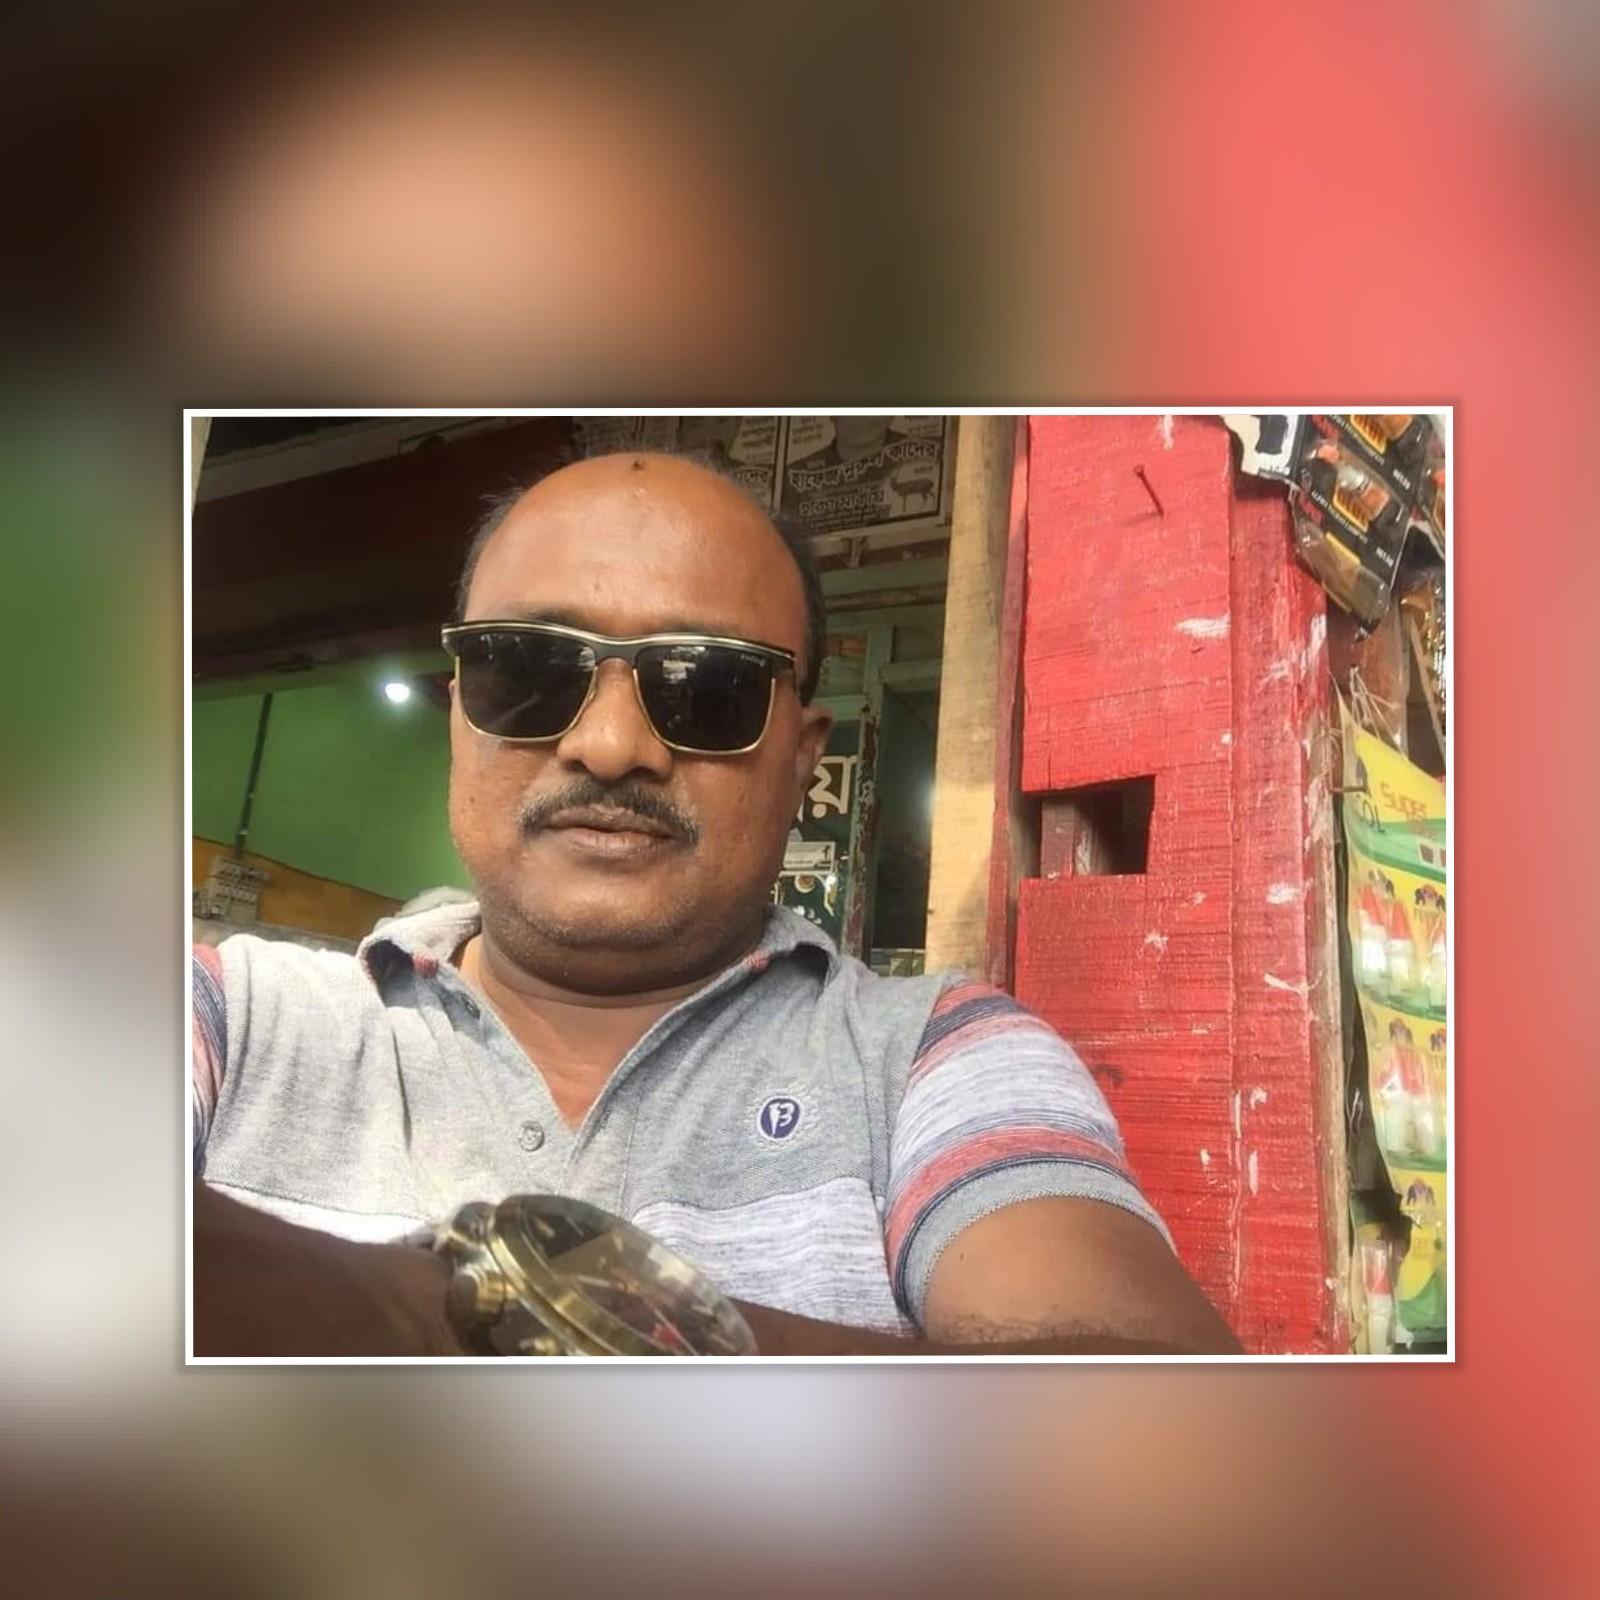 বেপরোয়া সন্ত্রাসী কালাম: সিএনজি শ্রমিককে প্রাণনাশের হুমকি ফেসবুকে ভাইরাল